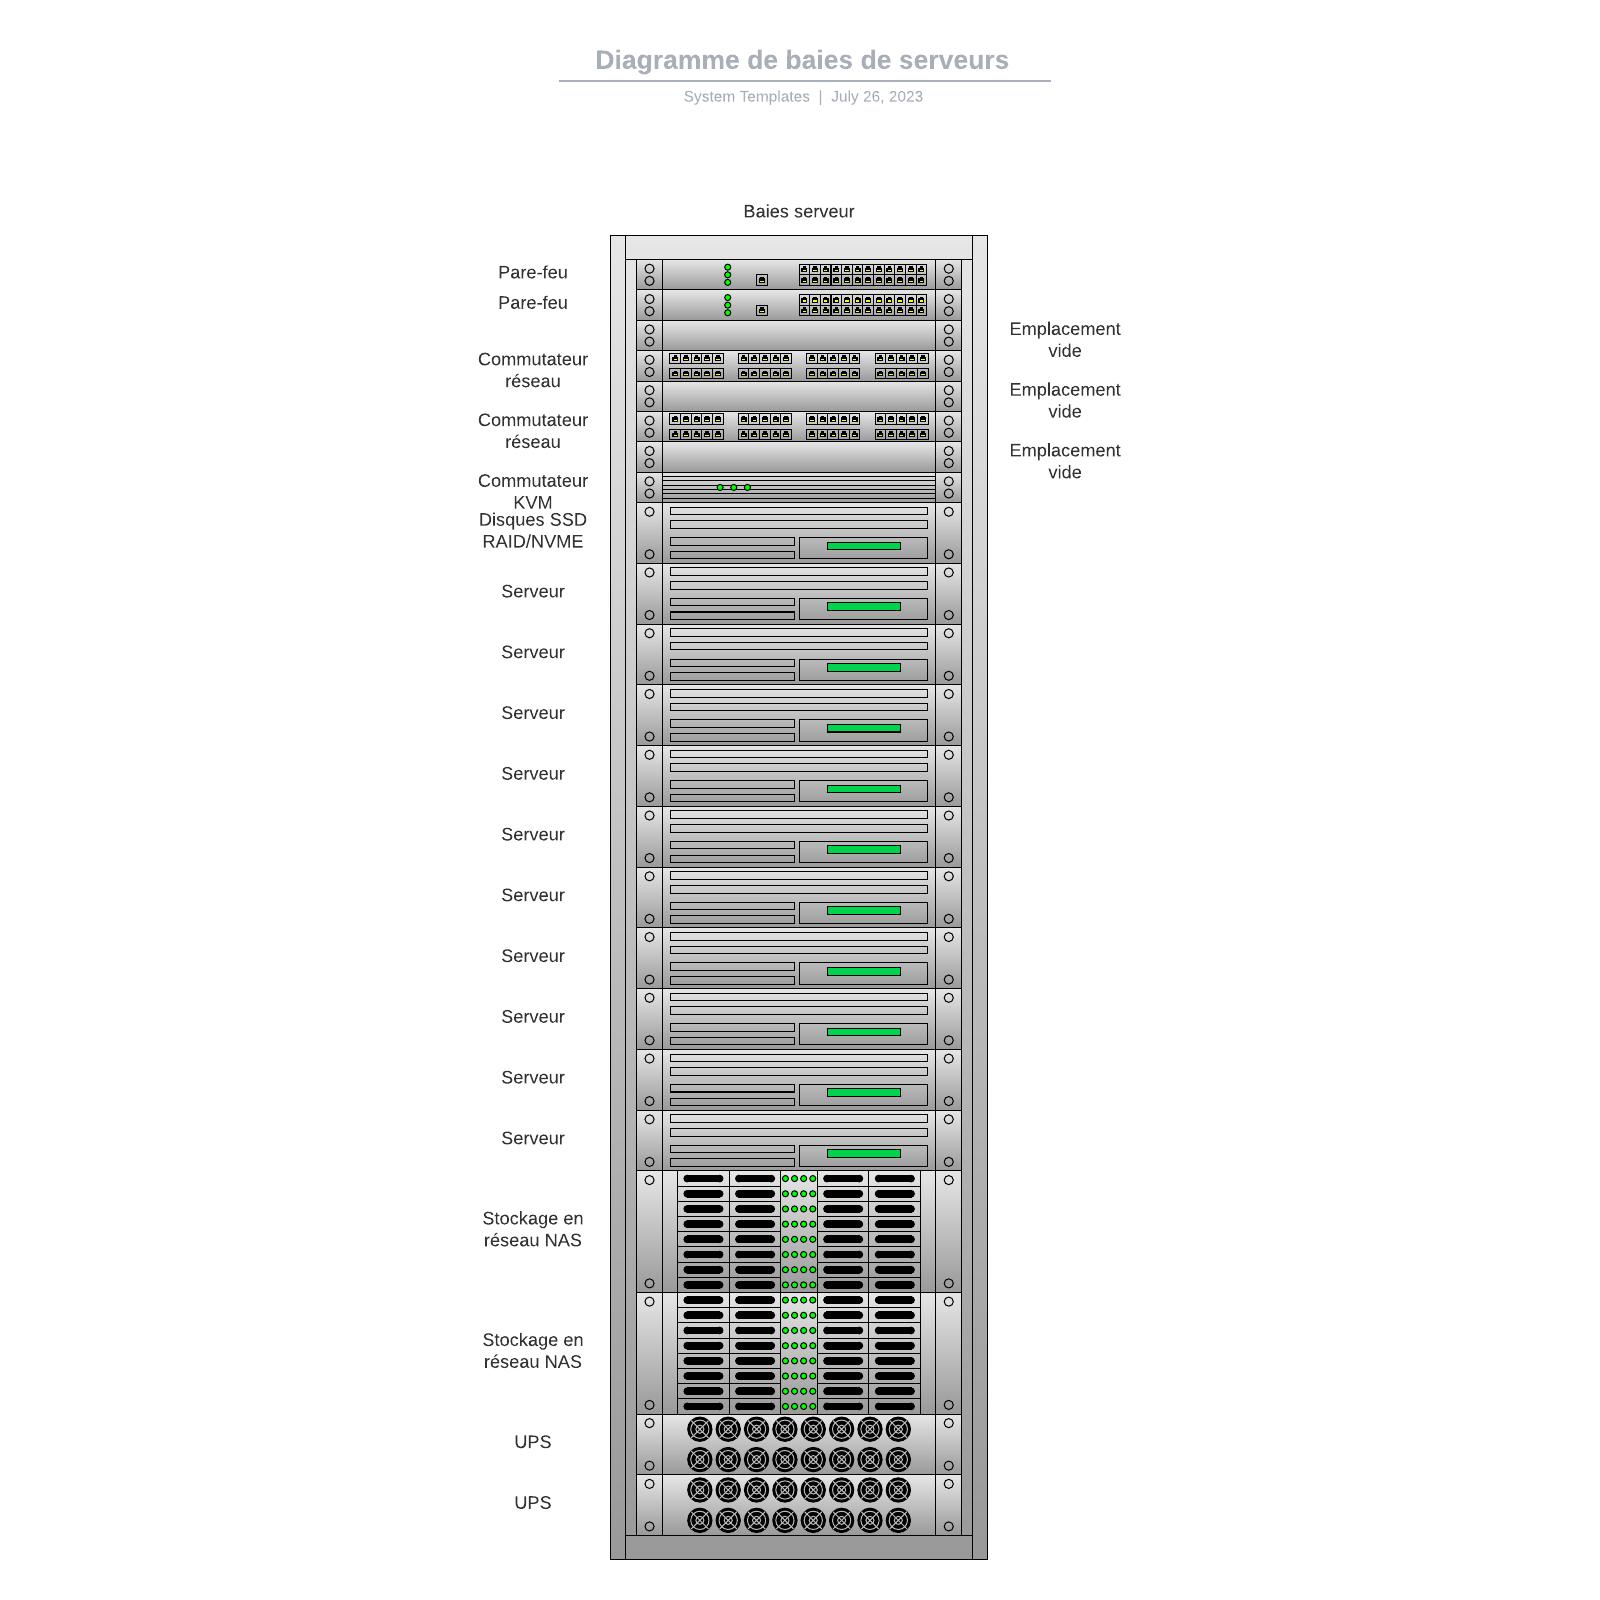 exemple de diagramme de baies de serveurs